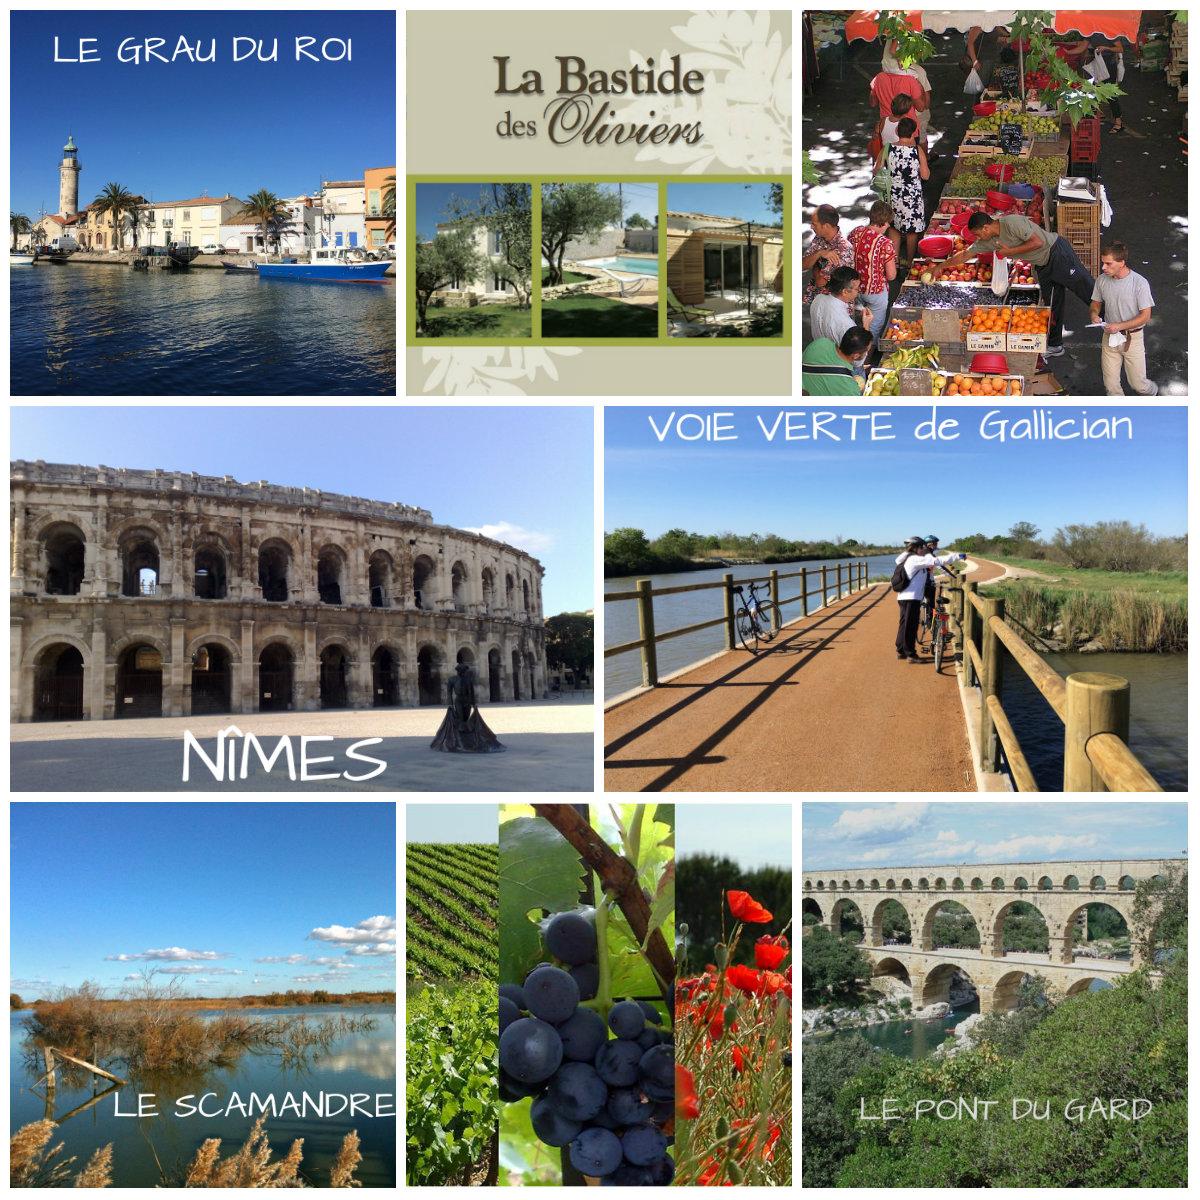 Printemps La Bastide des oliviers